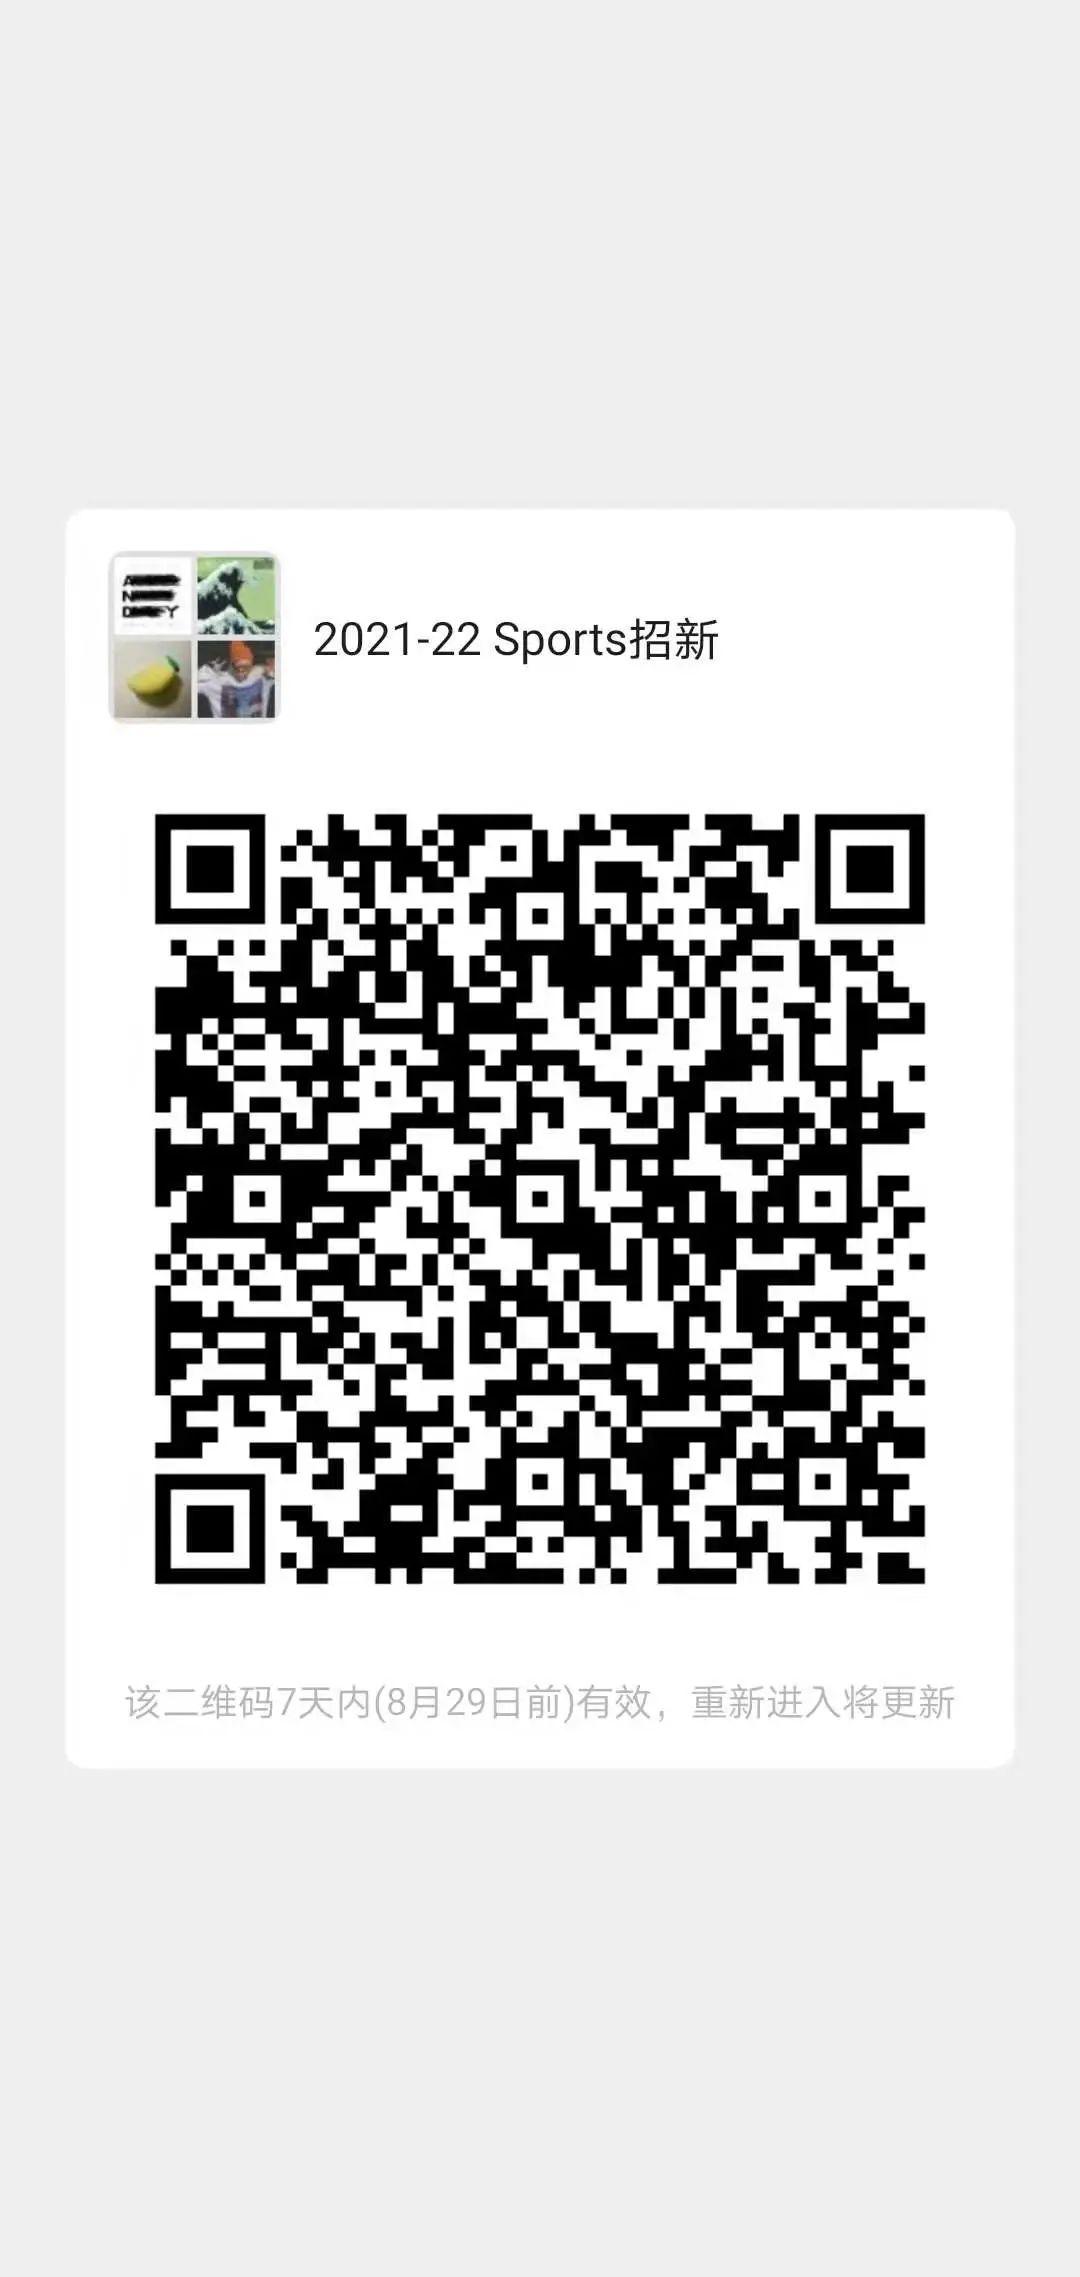 深国交Sports Devision招新啦! 发挥你的运动才华吧!  深国交 深圳国际交流学院 学在国交 第14张